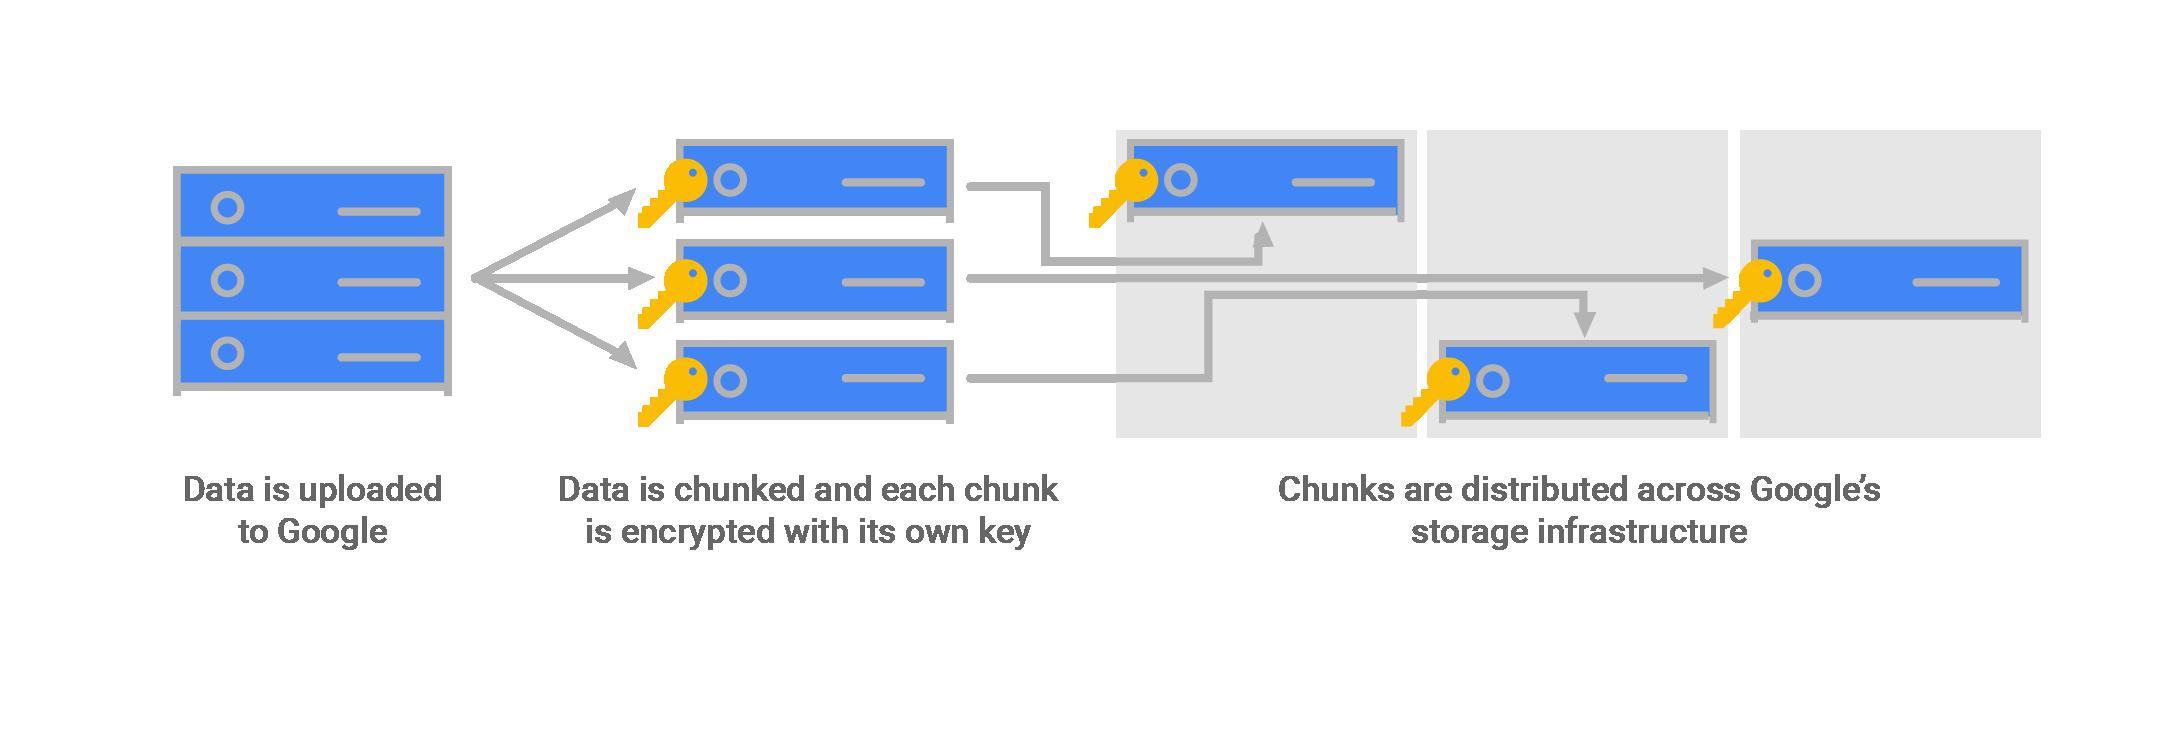 Diagramm: In verschlüsselten Blöcken gespeicherte Daten